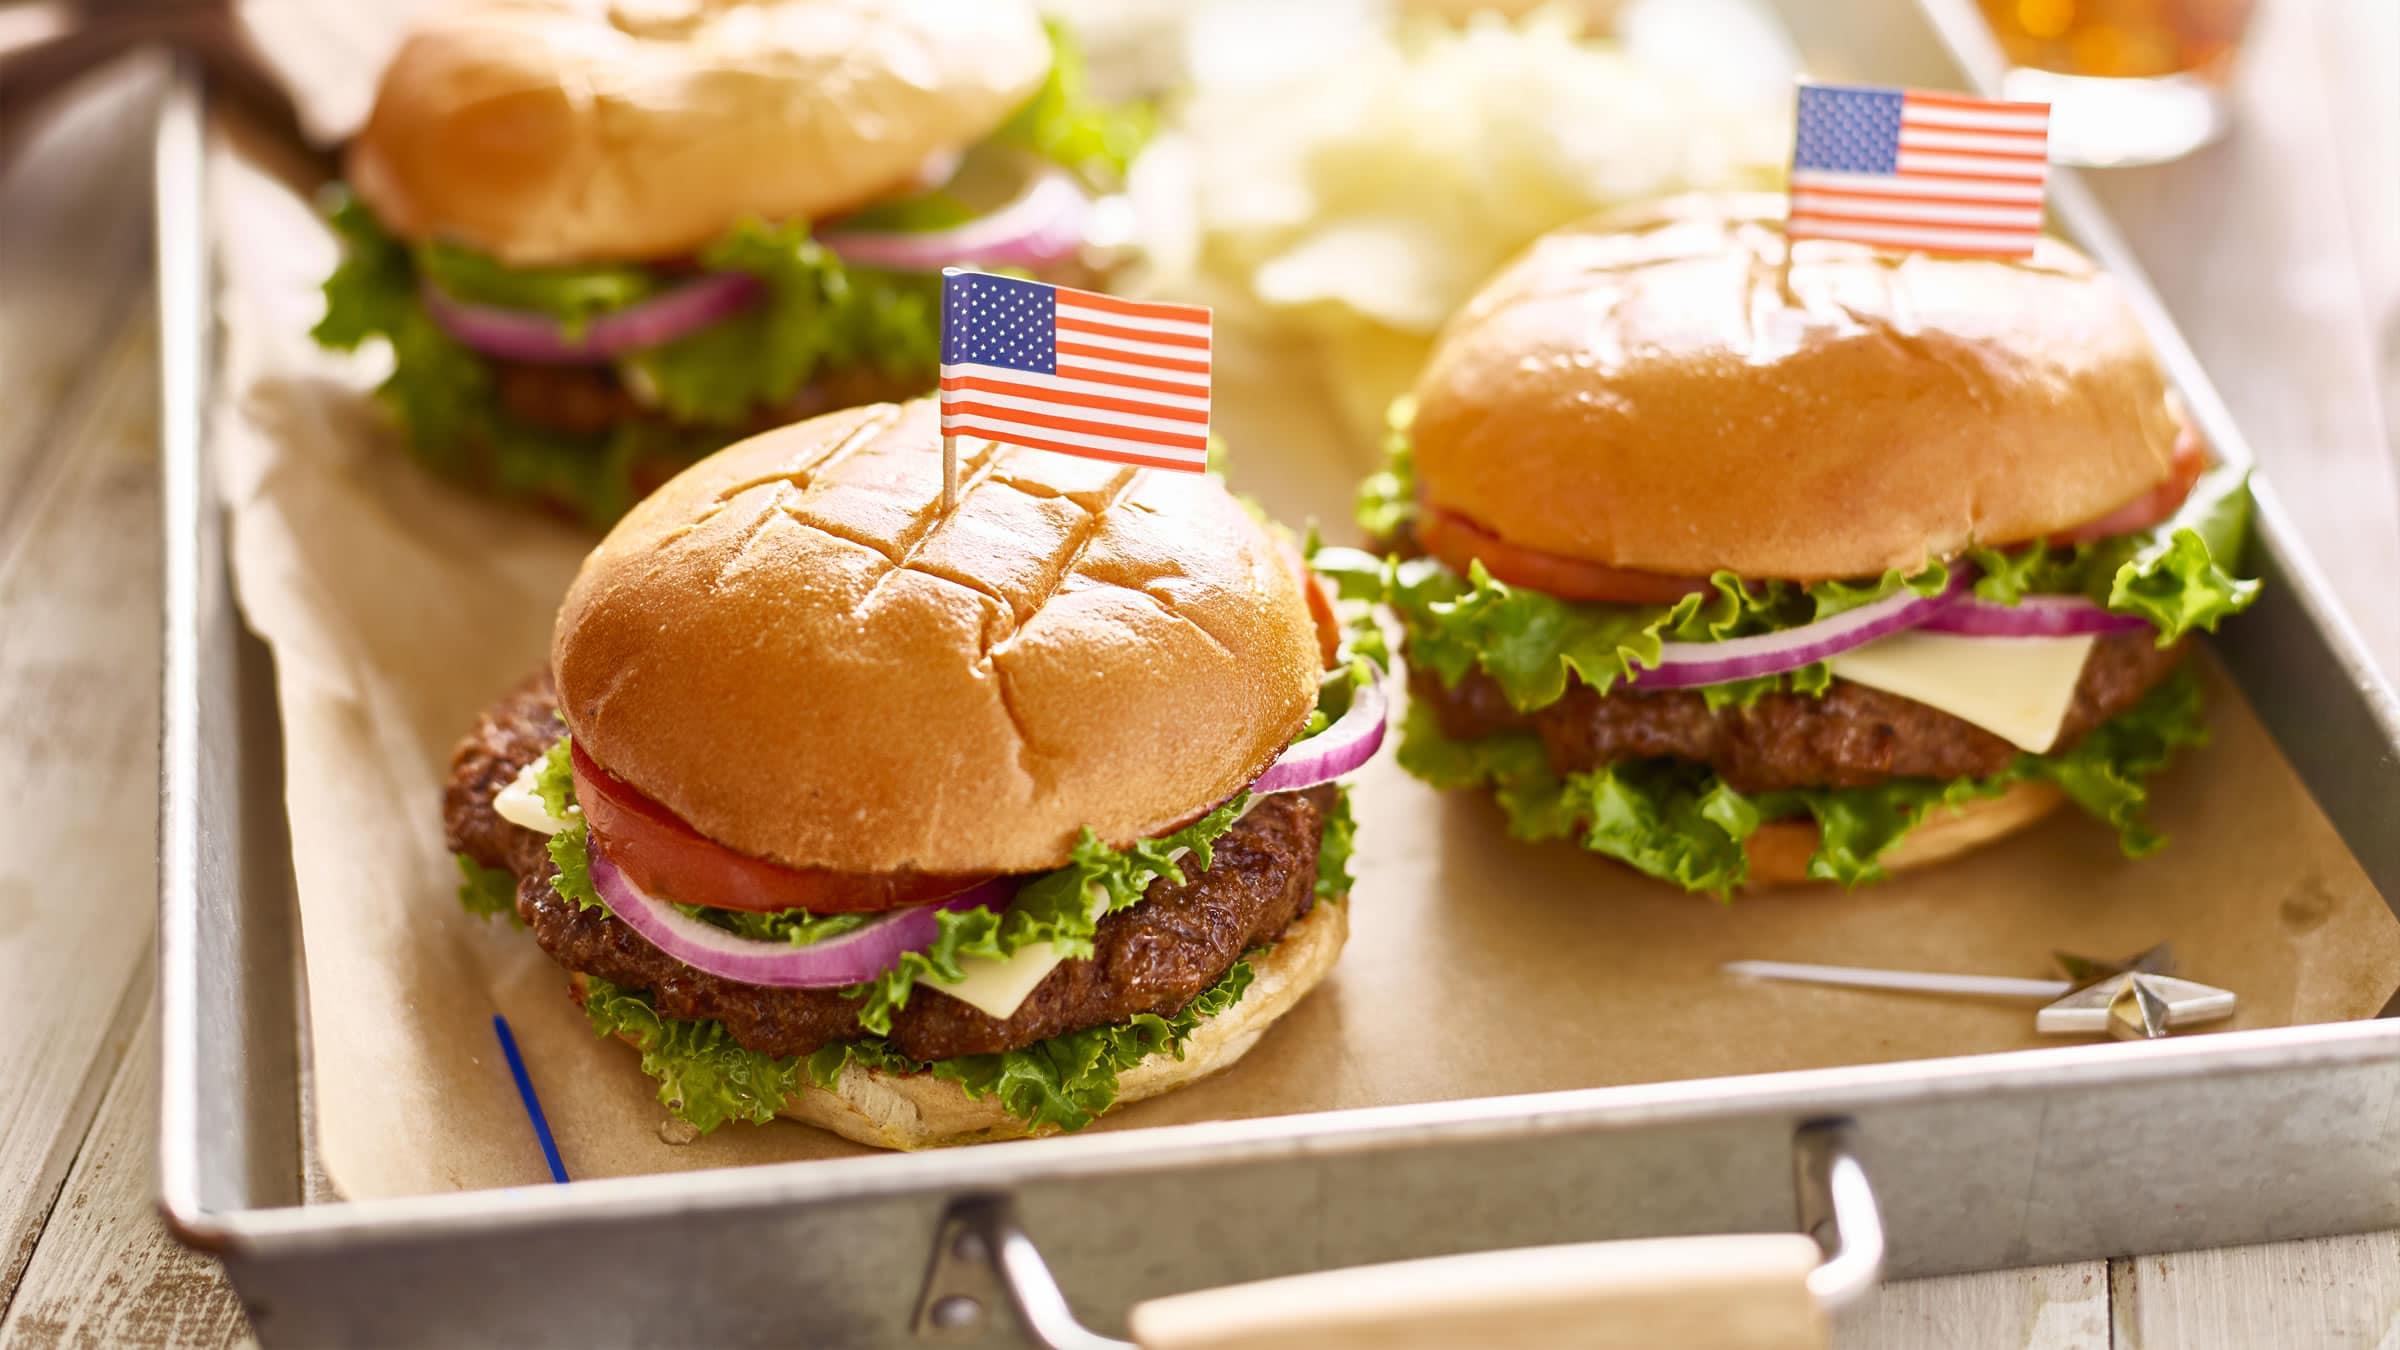 comida tipica de los estados unidos